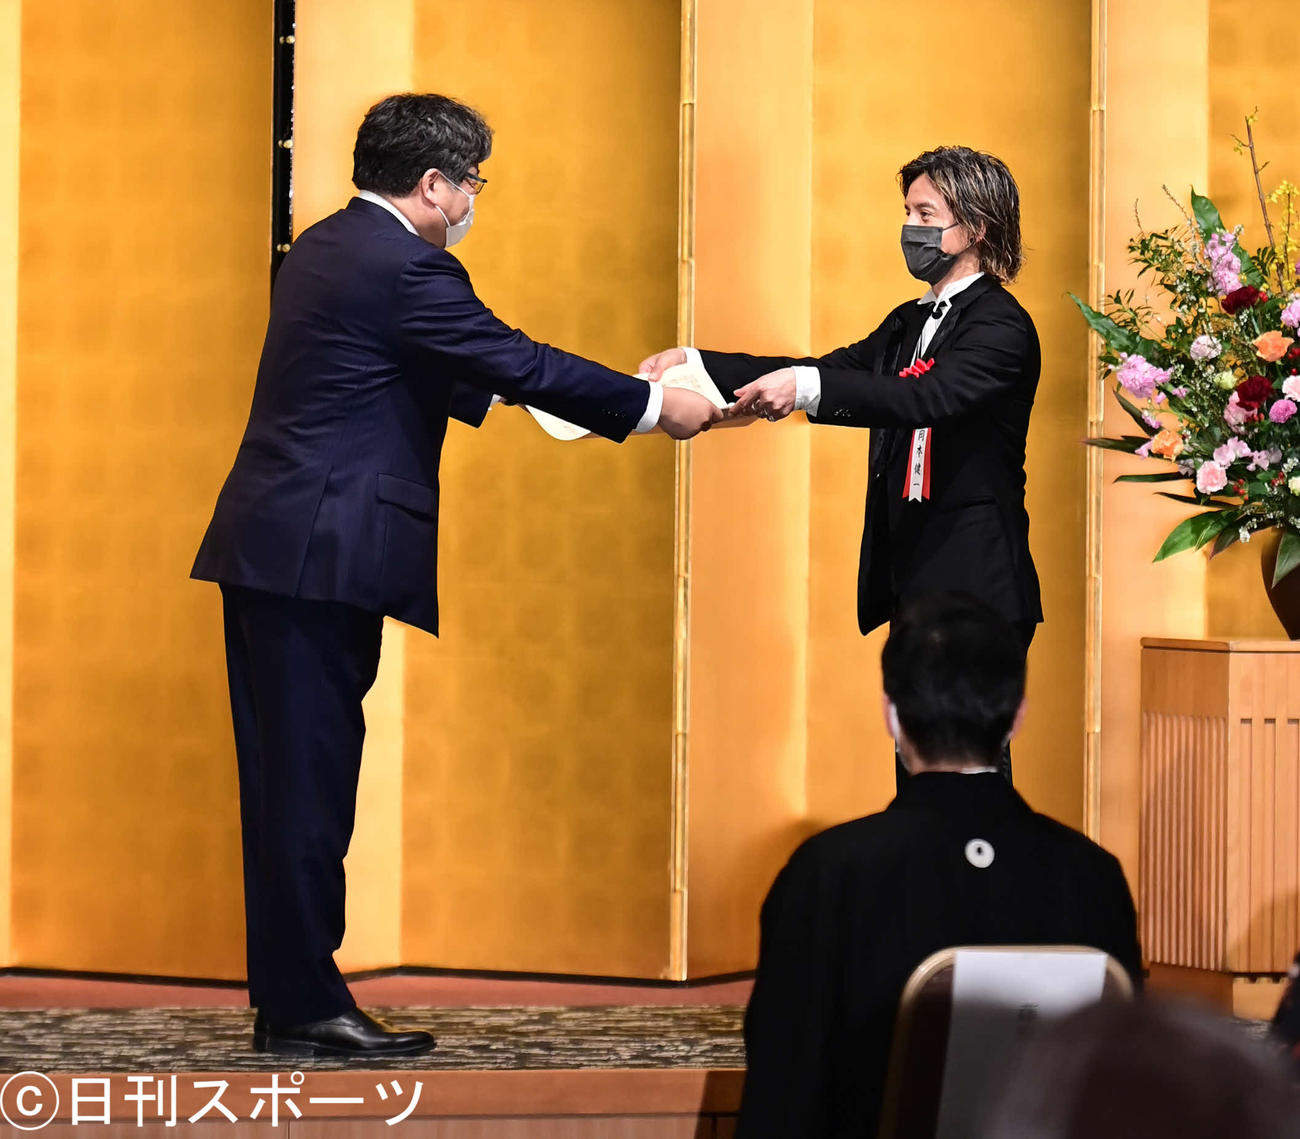 令和2年度芸術選奨演劇部門の大臣賞を受賞し、贈呈式で萩生田文科相(左)から表彰状を授与される岡本健一(撮影・小沢裕)